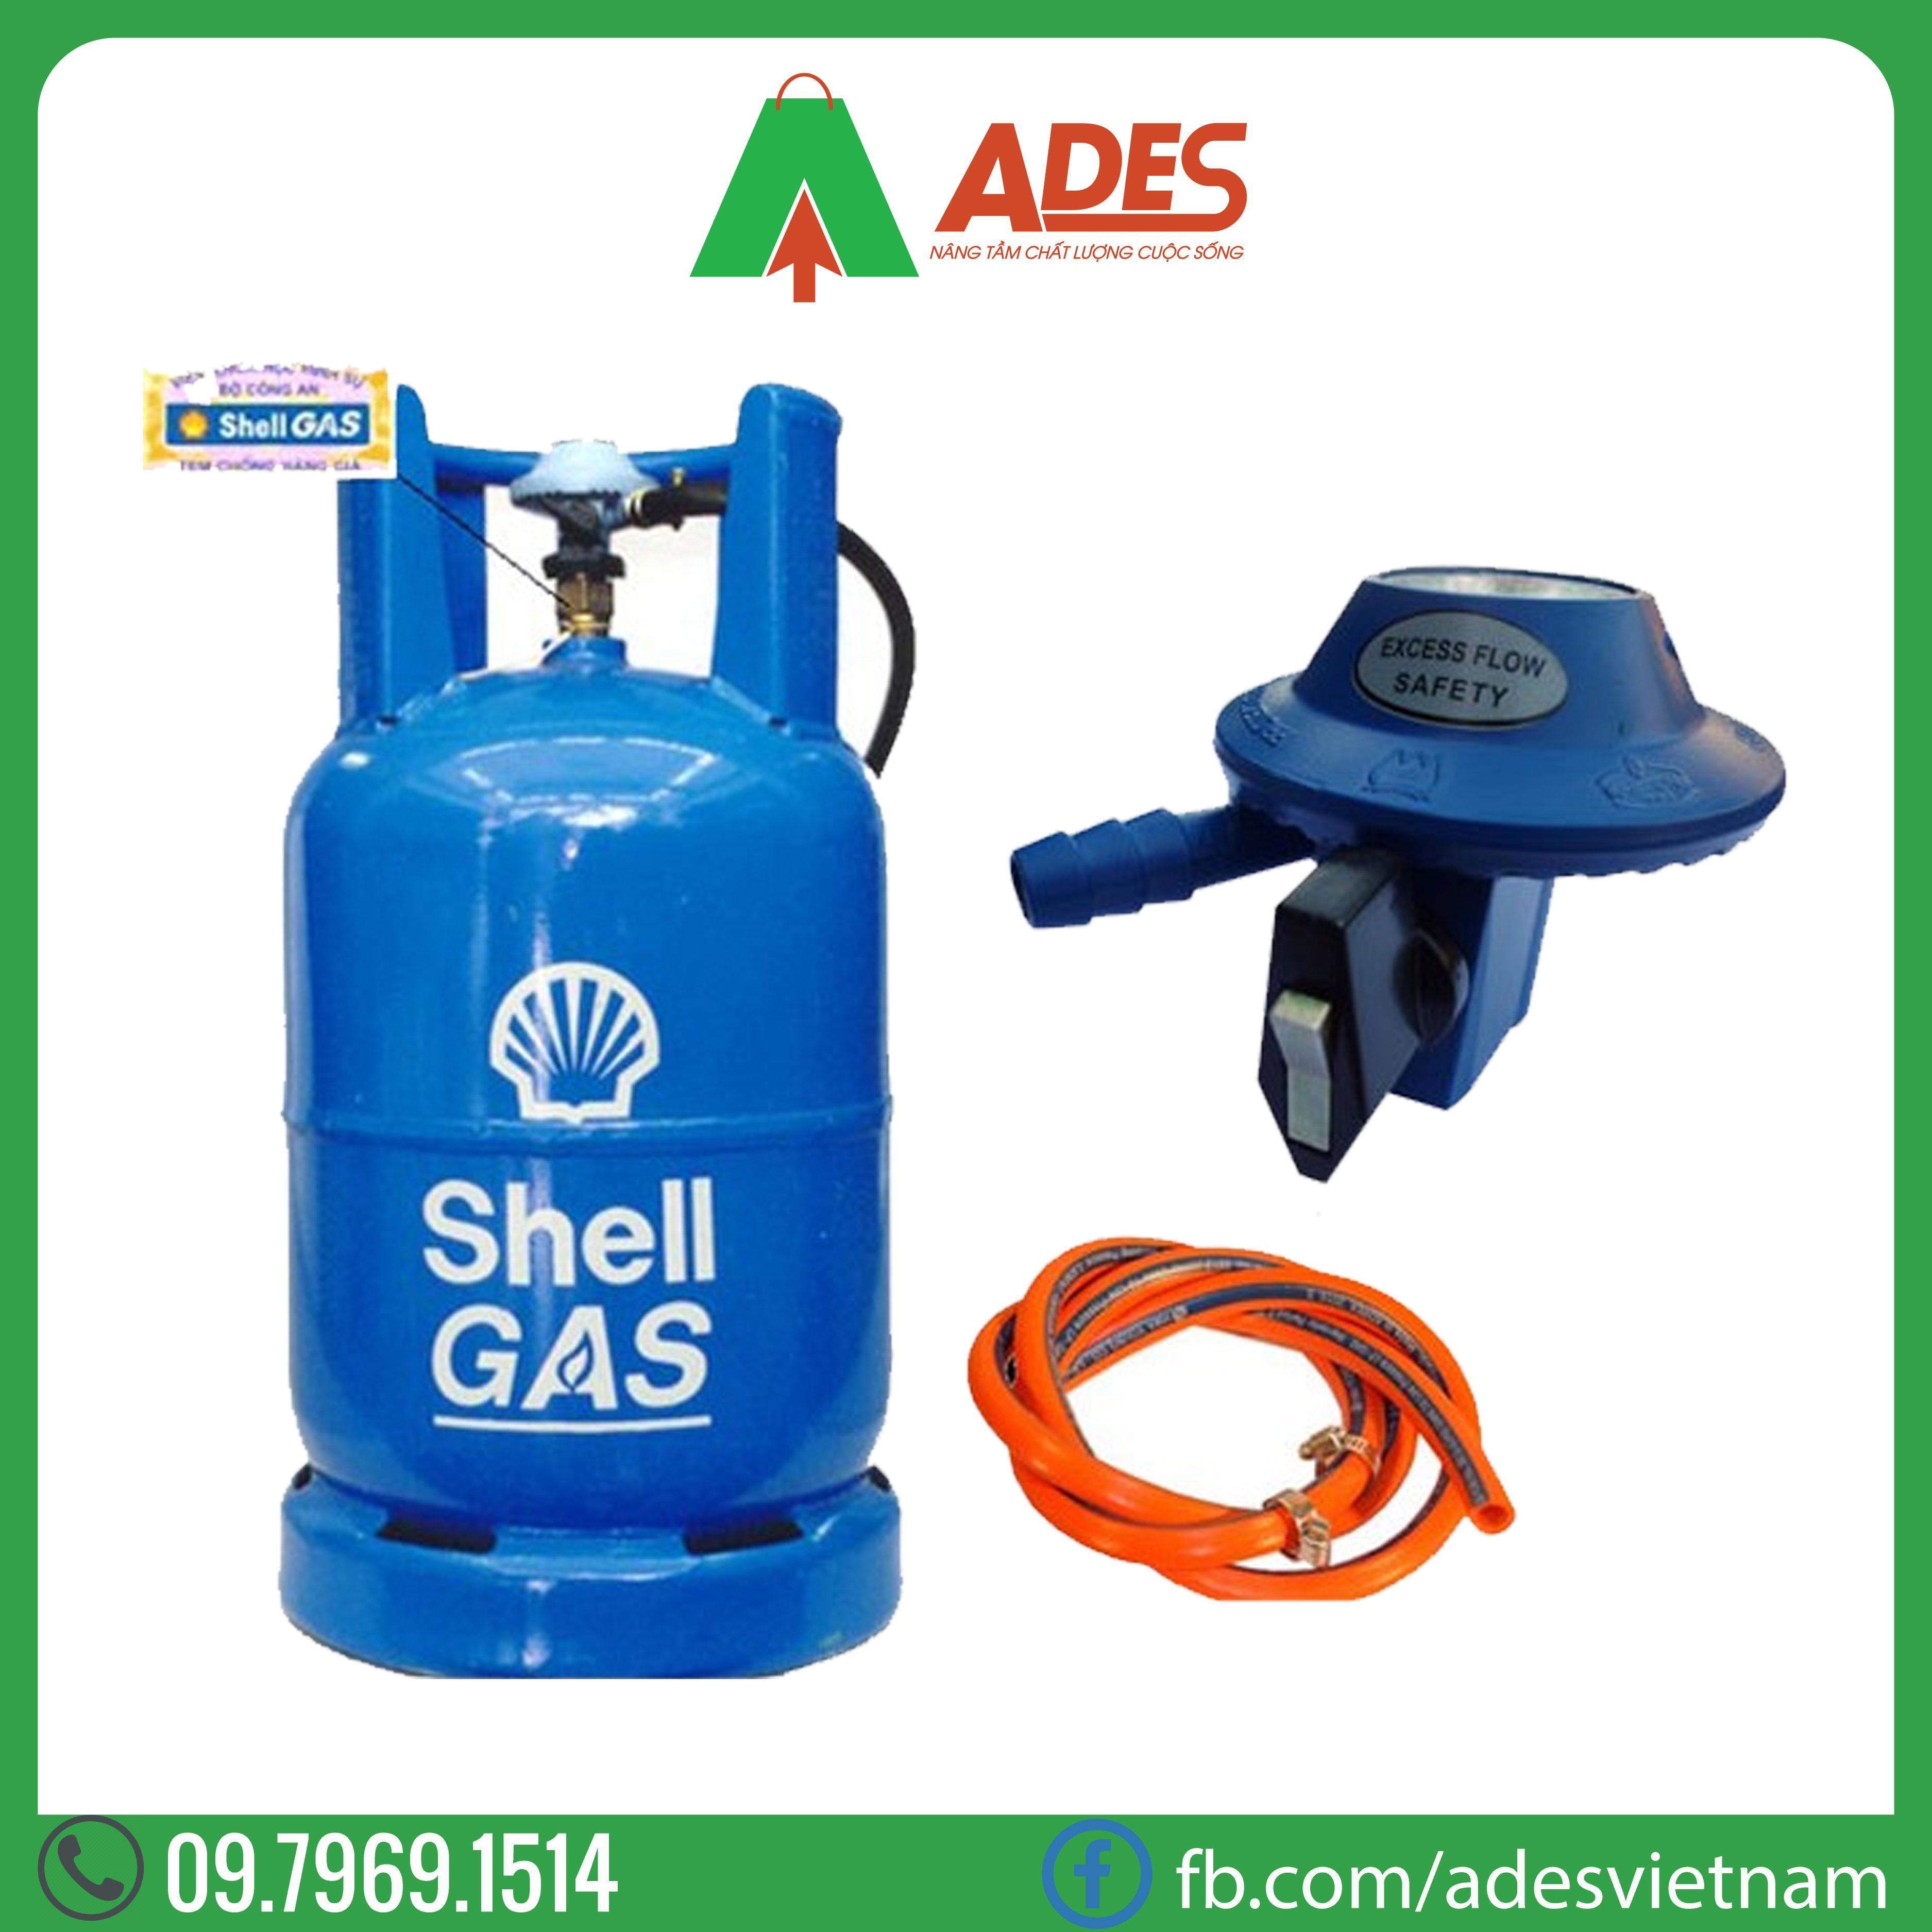 Van Gas Kabsons C21